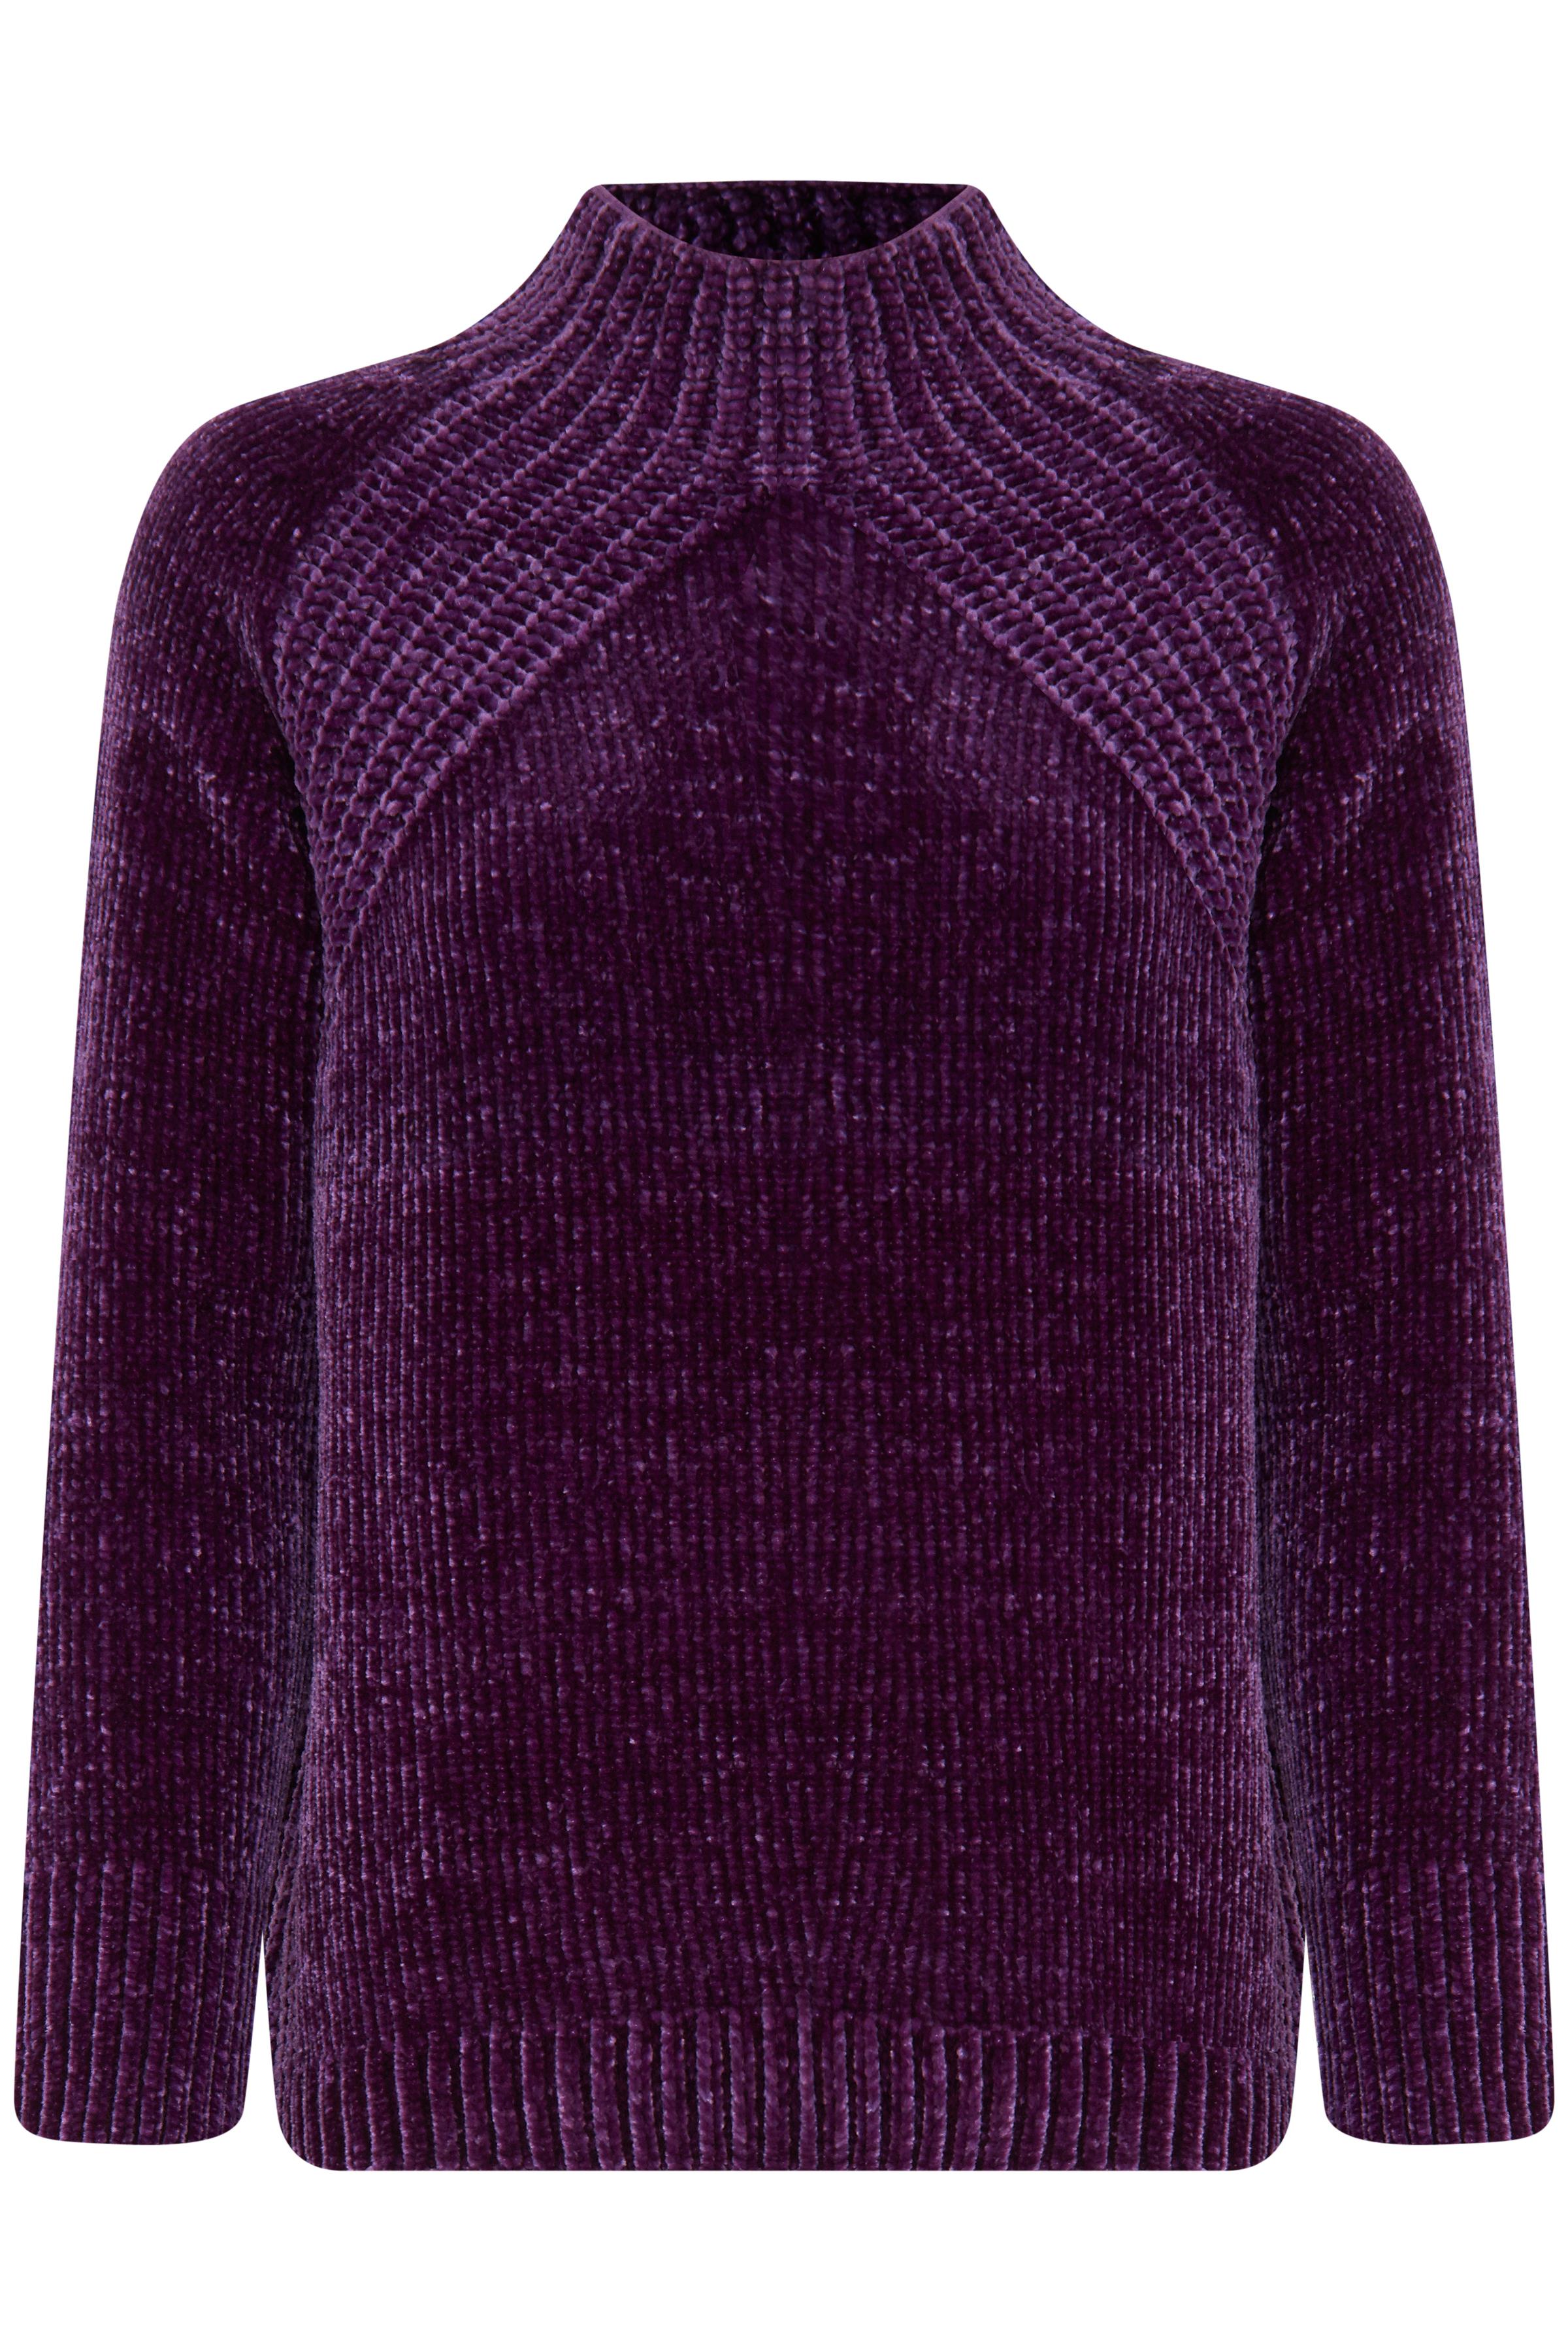 Imperial Purple Strickpullover von b.young – Kaufen Sie Imperial Purple Strickpullover aus Größe S-XXL hier